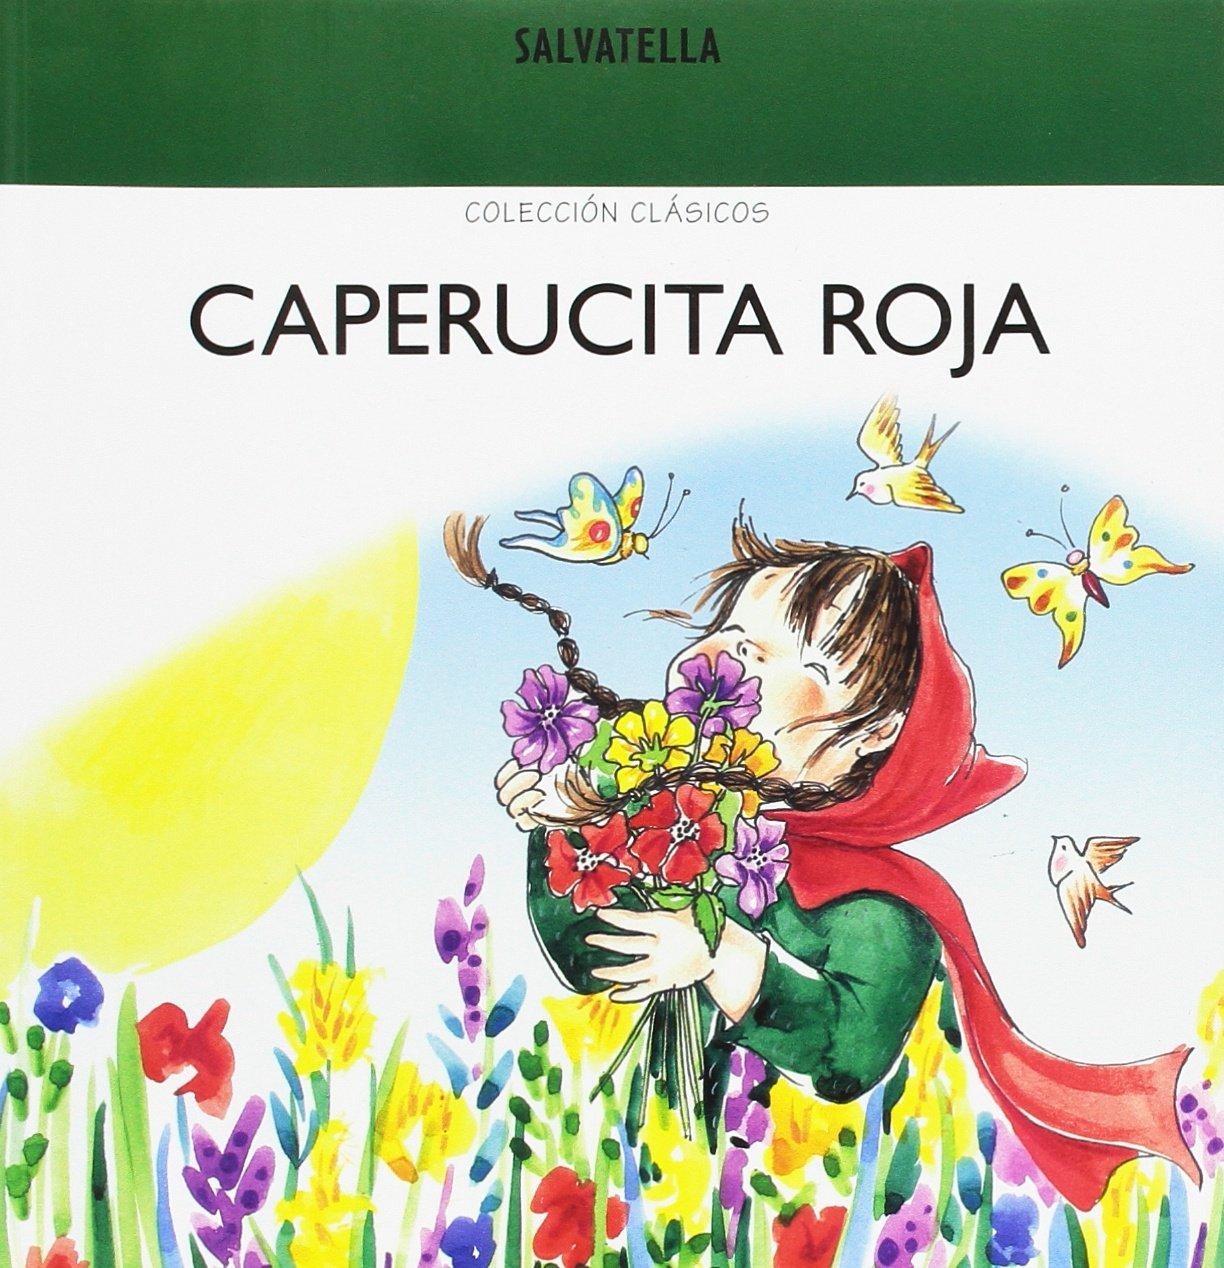 Caperucita Roja Coleccion Clasicos (Spanish) Paperback – 2013